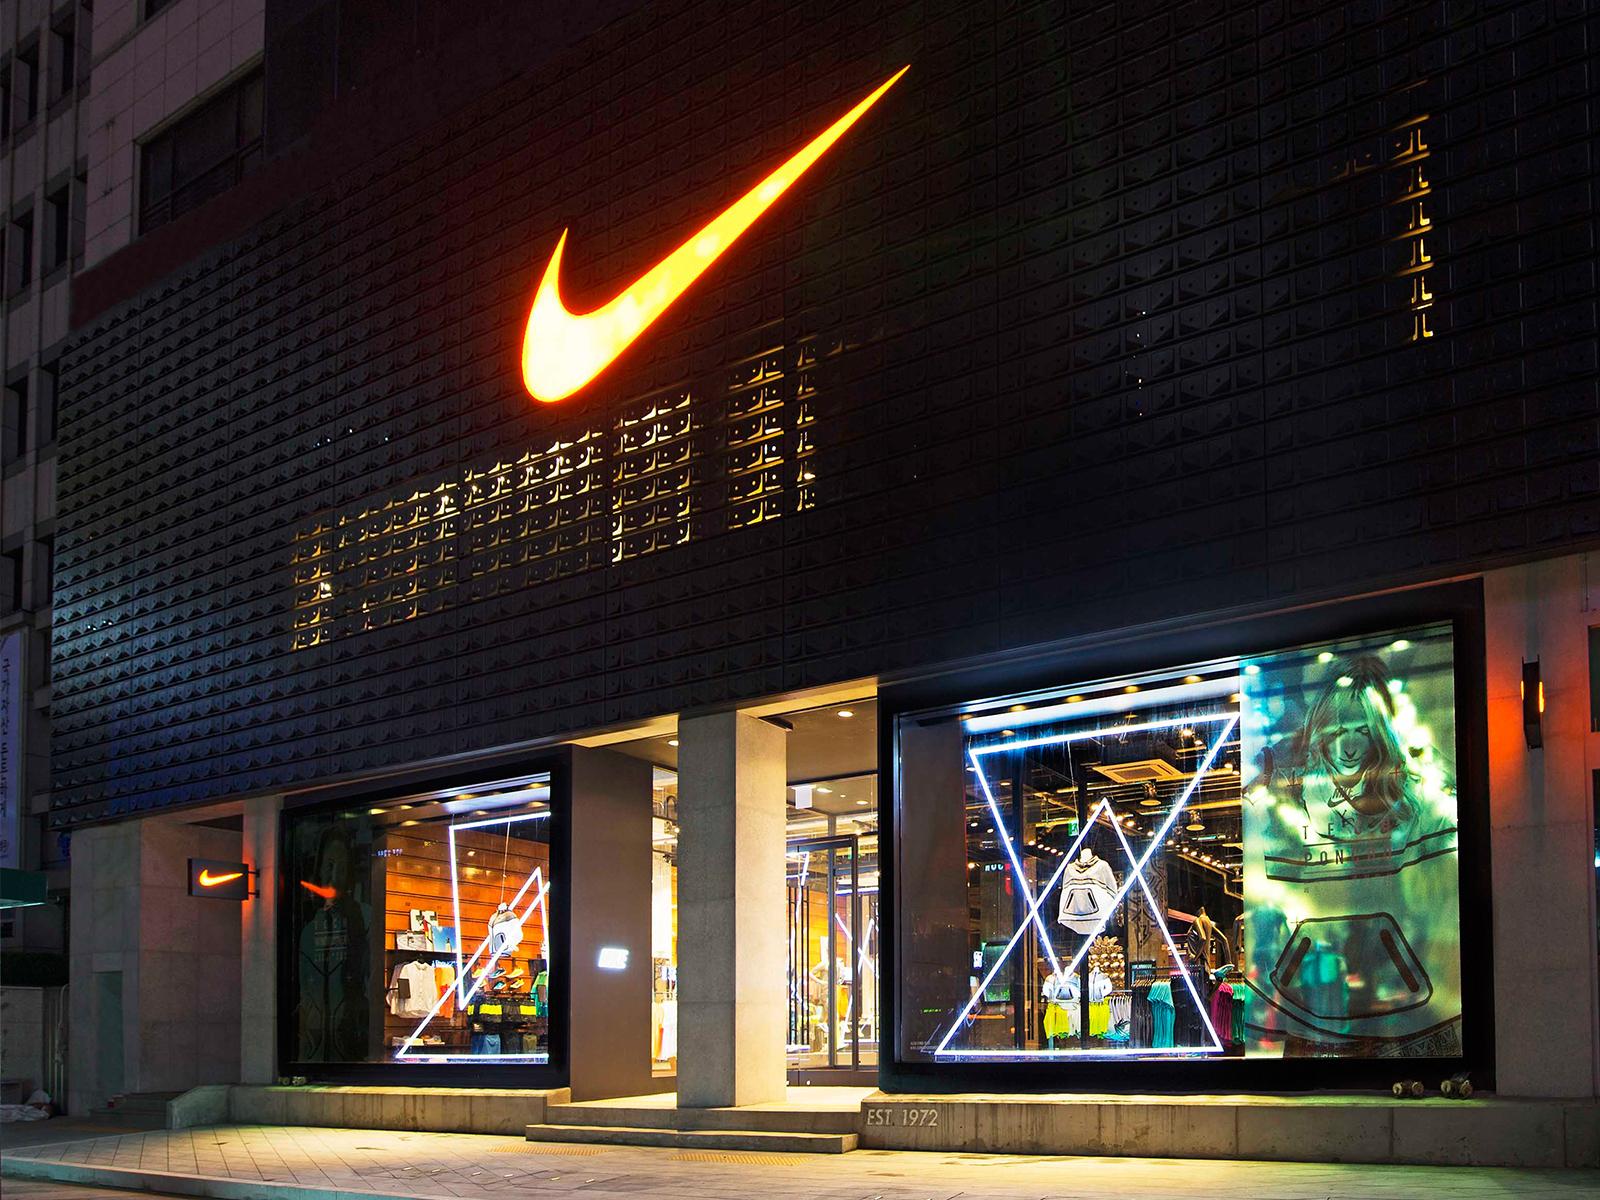 22f95247f شركة أمريكية كبيرة لإنتاج الملابس والأحذية والأدوات الرياضية، وتعد من أرقي  العلامات الرياضية في السوق ،تزين علامتها التجارية قمصان أشهر فرق كرة القدم  ...